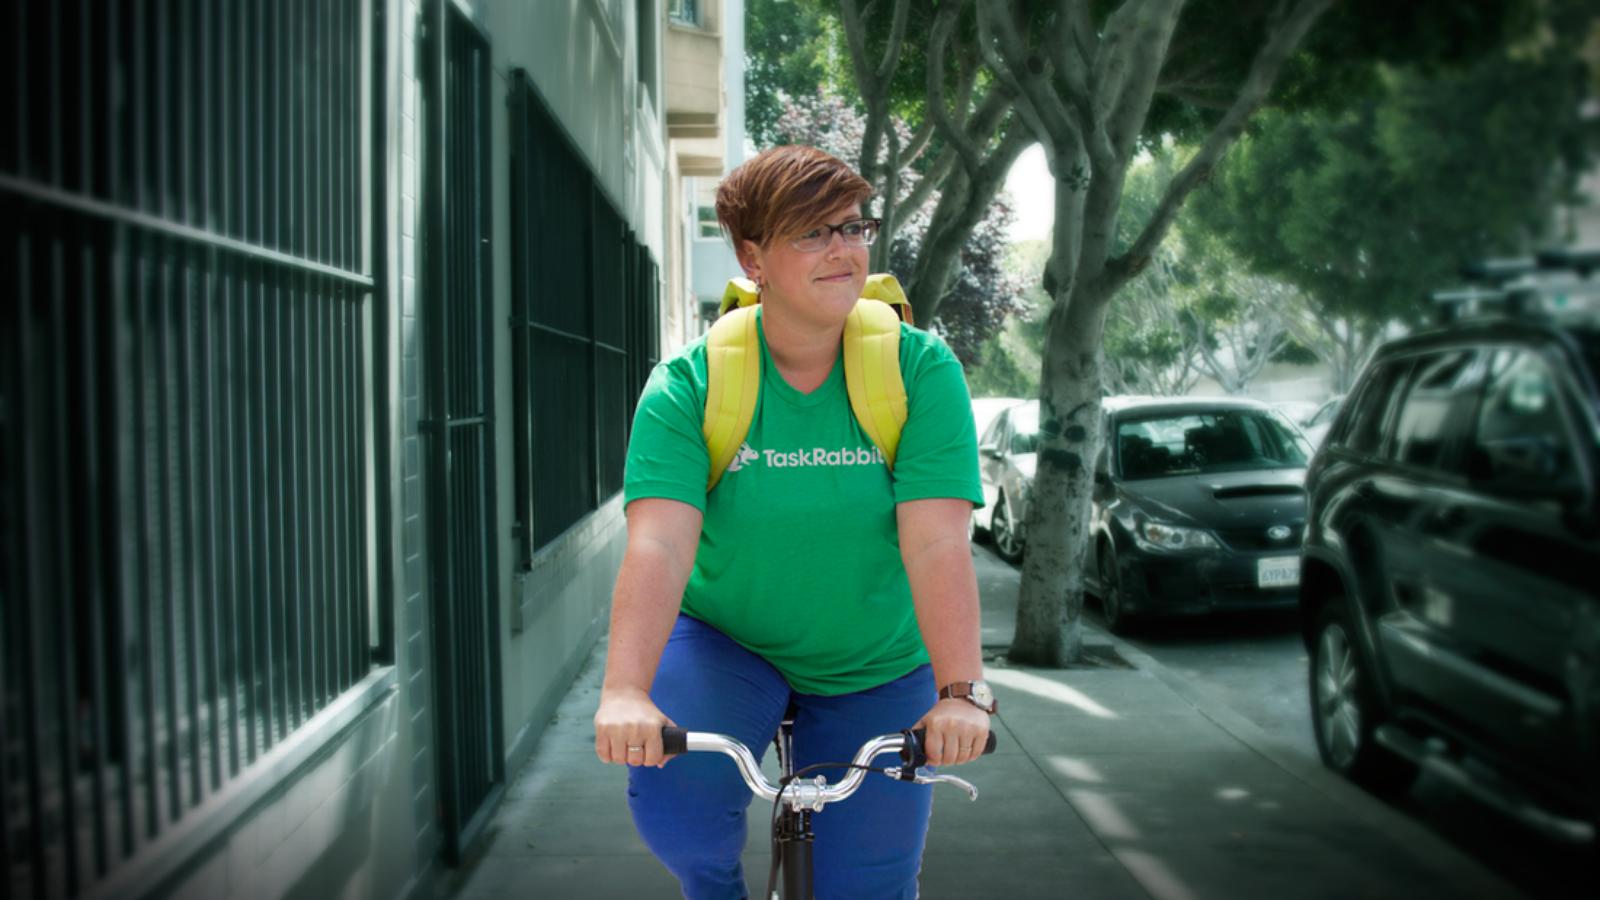 TaskRabbitMakingDelivery